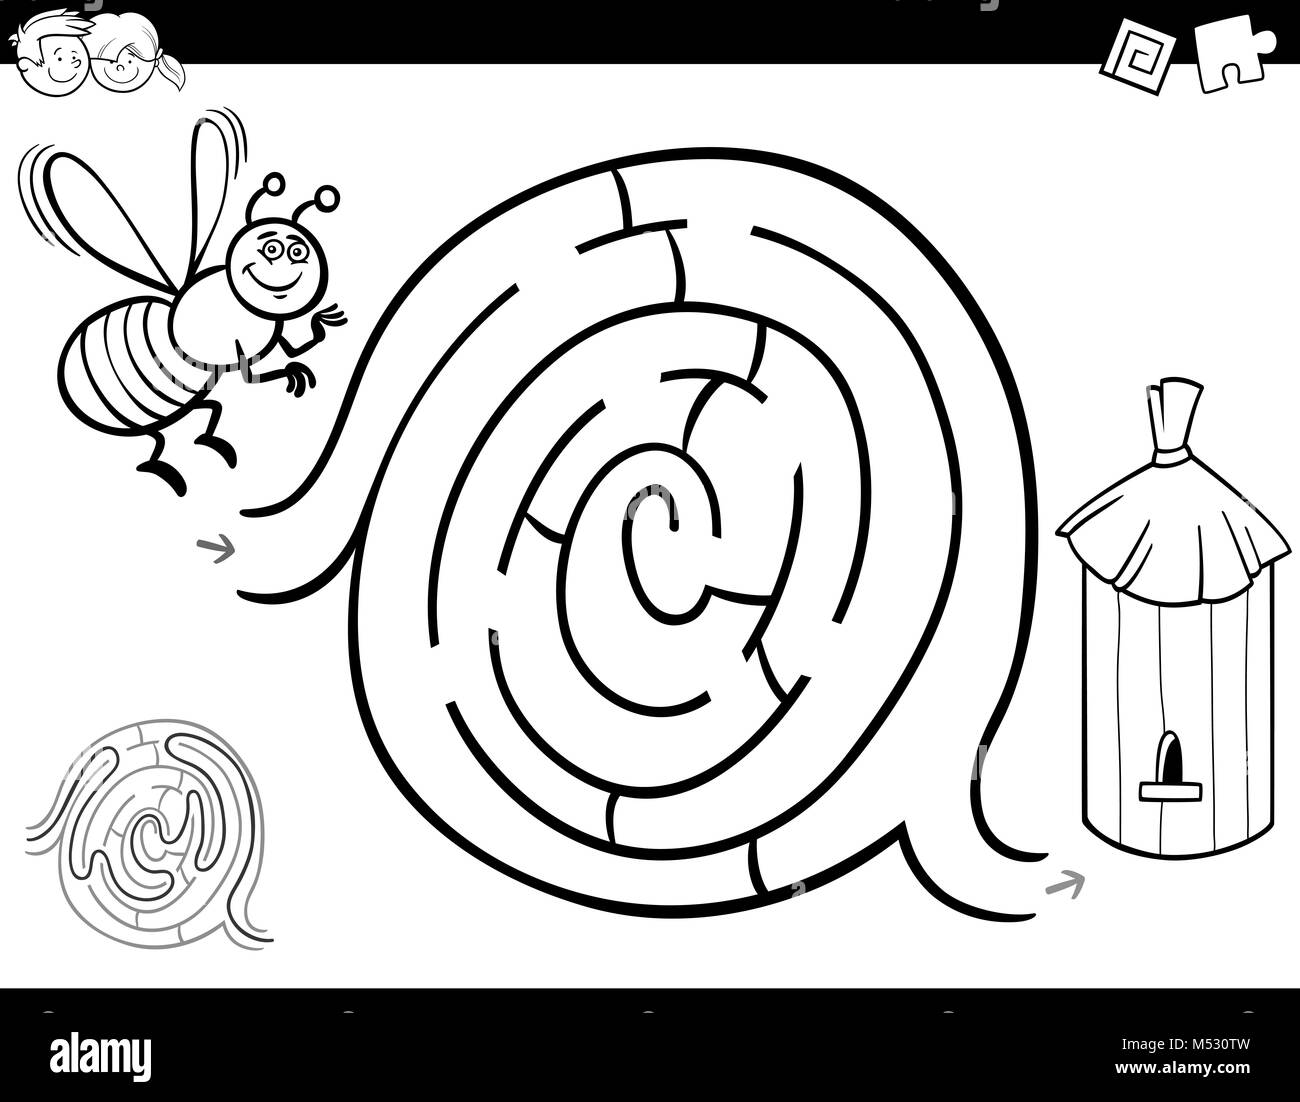 Fantástico Libro Para Colorear Blockhead Ideas - Enmarcado Para ...